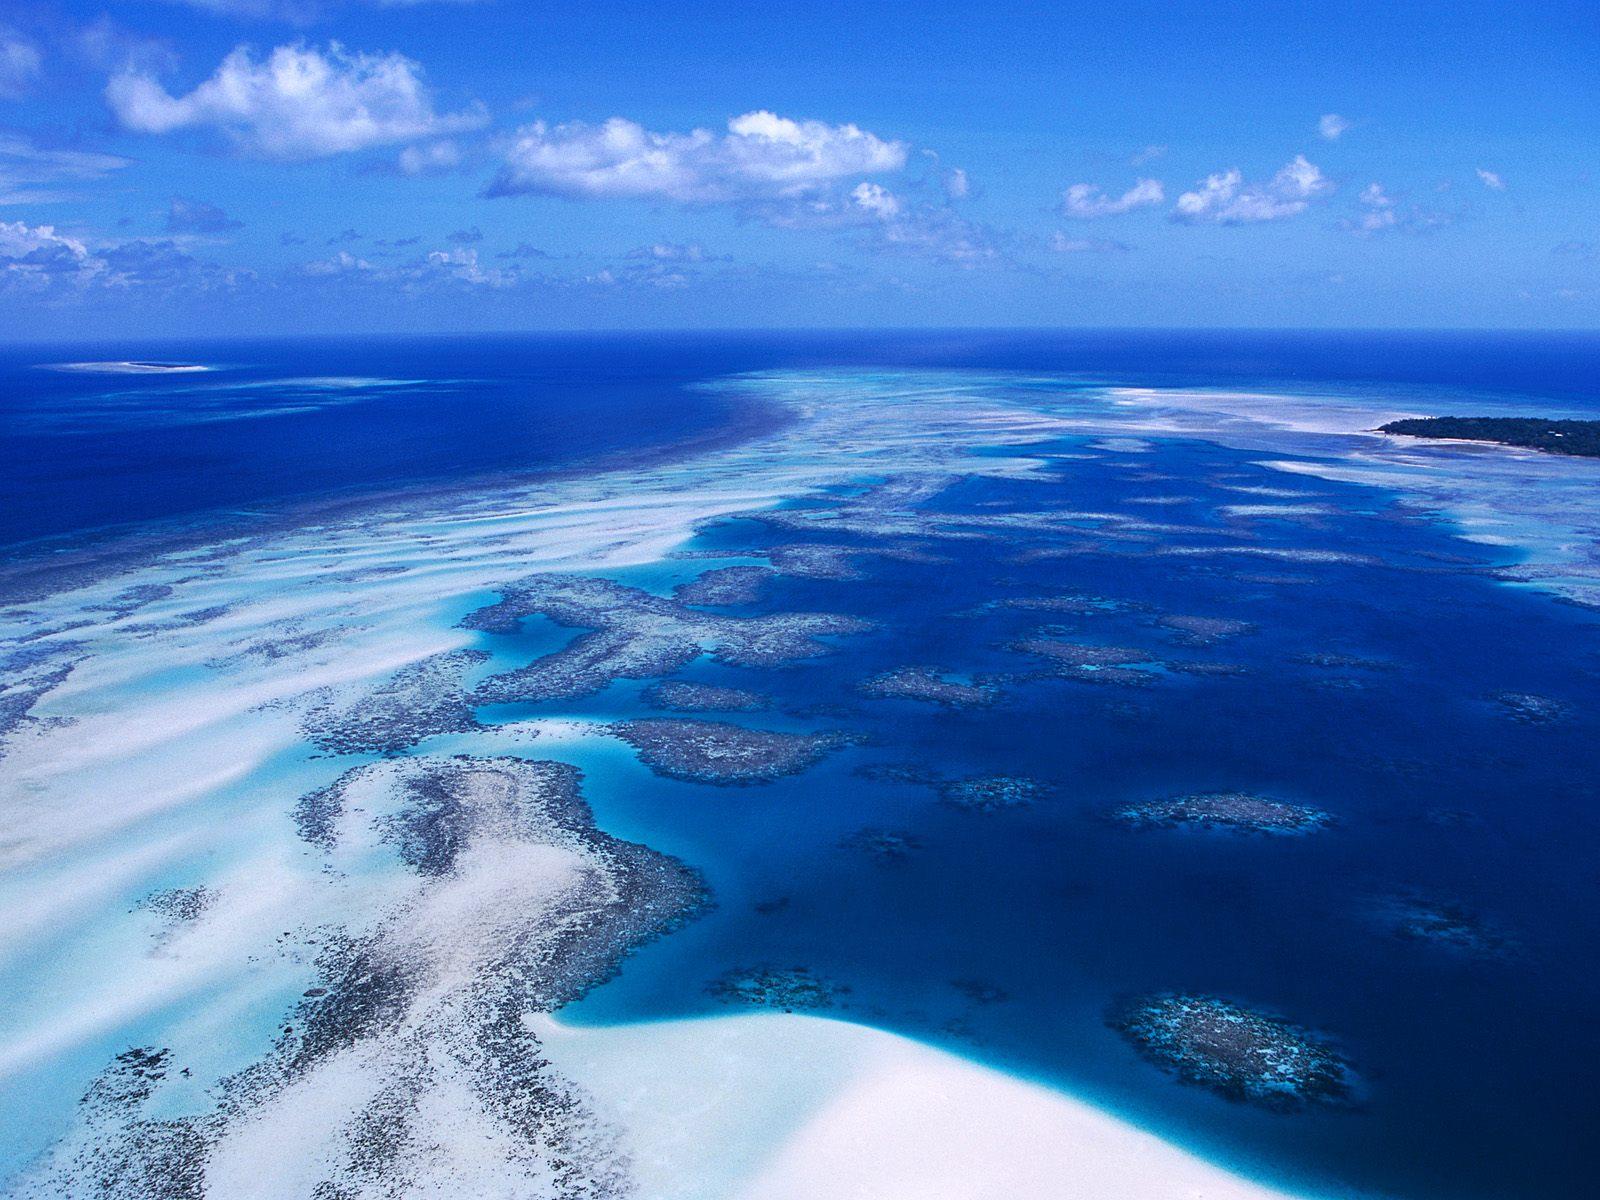 Coral Reef   Torres Strait Island   Australia Wallpaper 23340592 1600x1200